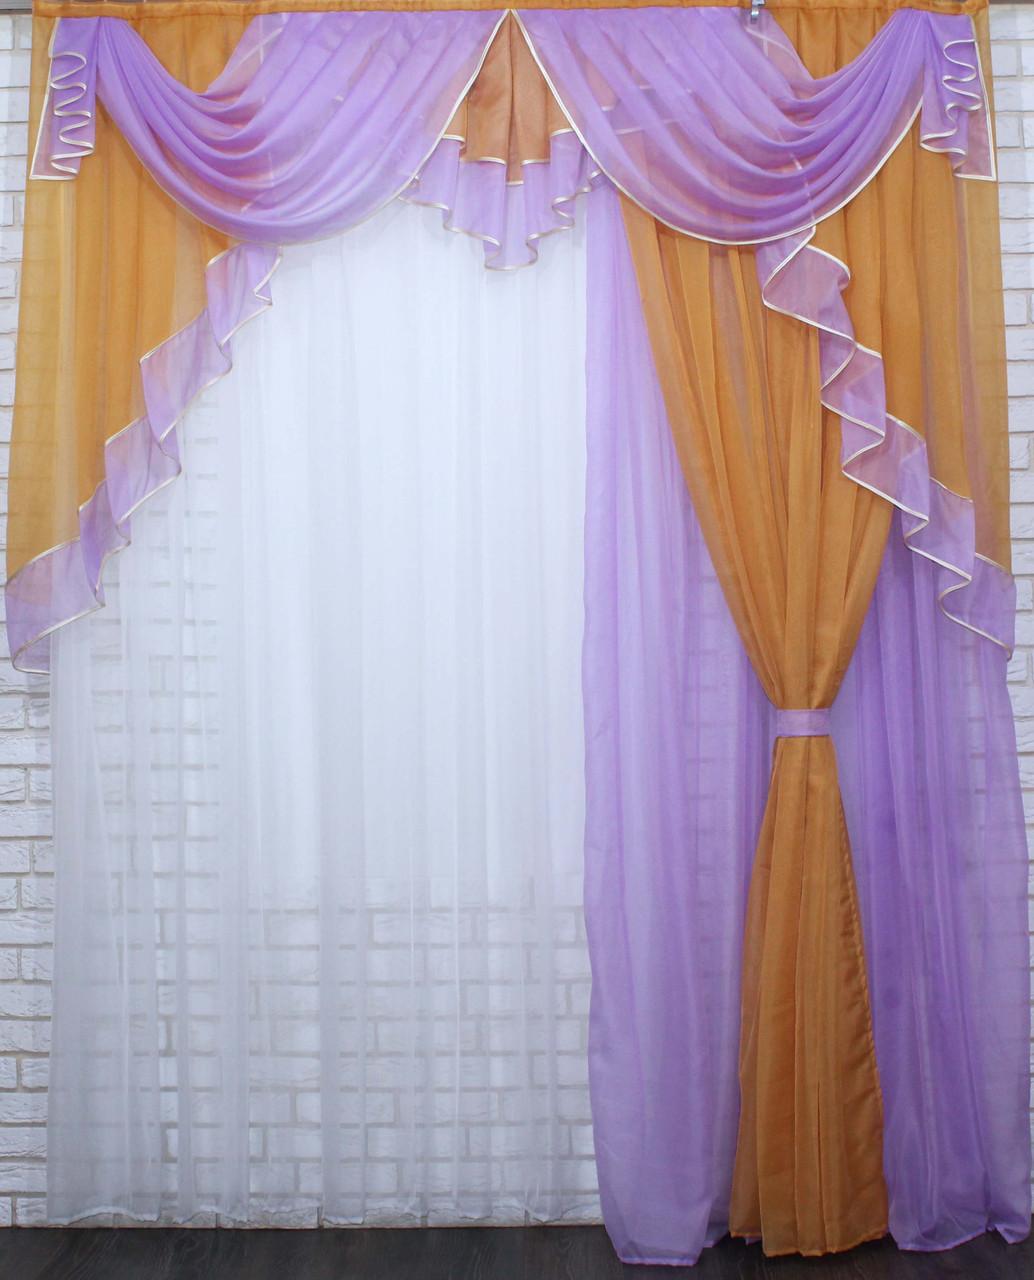 Ламбрекен с шторкой на карниз 2м. №107 Цвет сирень с янтарным